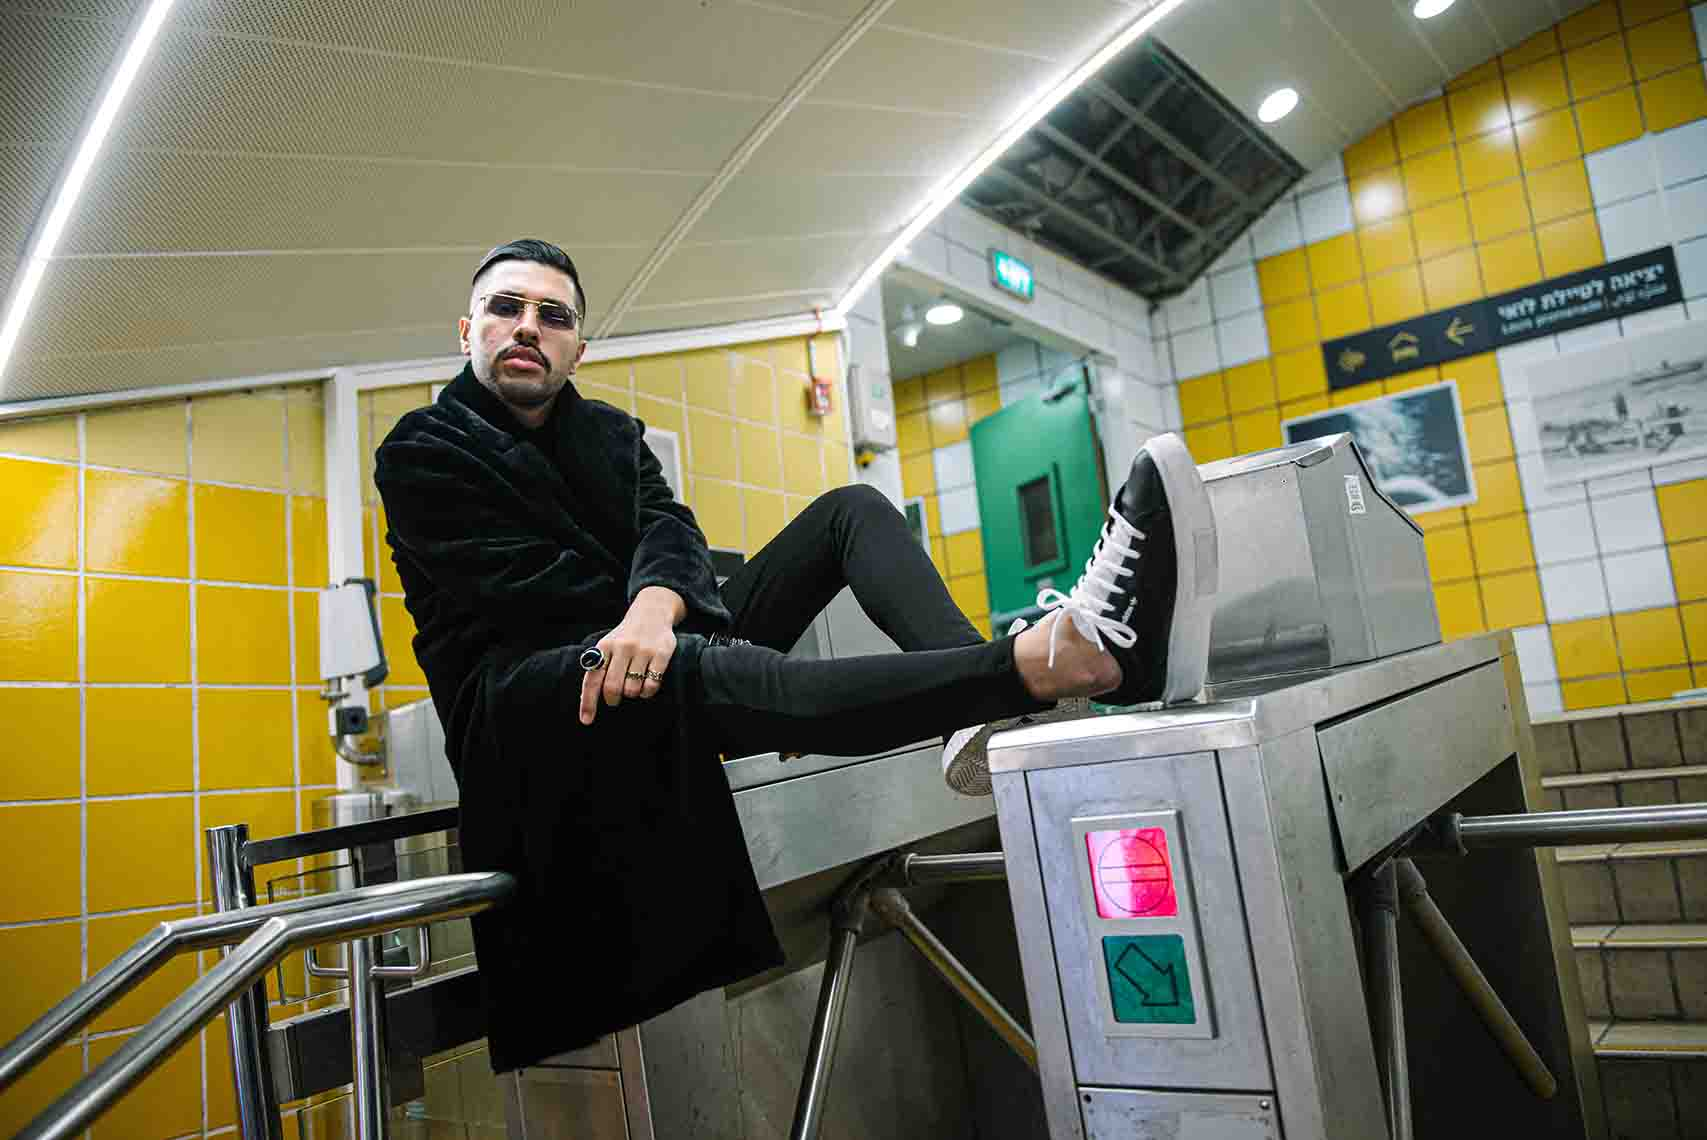 דניאל ציוני, צילום דניס גרצקיס , חדשות האופנה, מגזין אופנה ישראלי